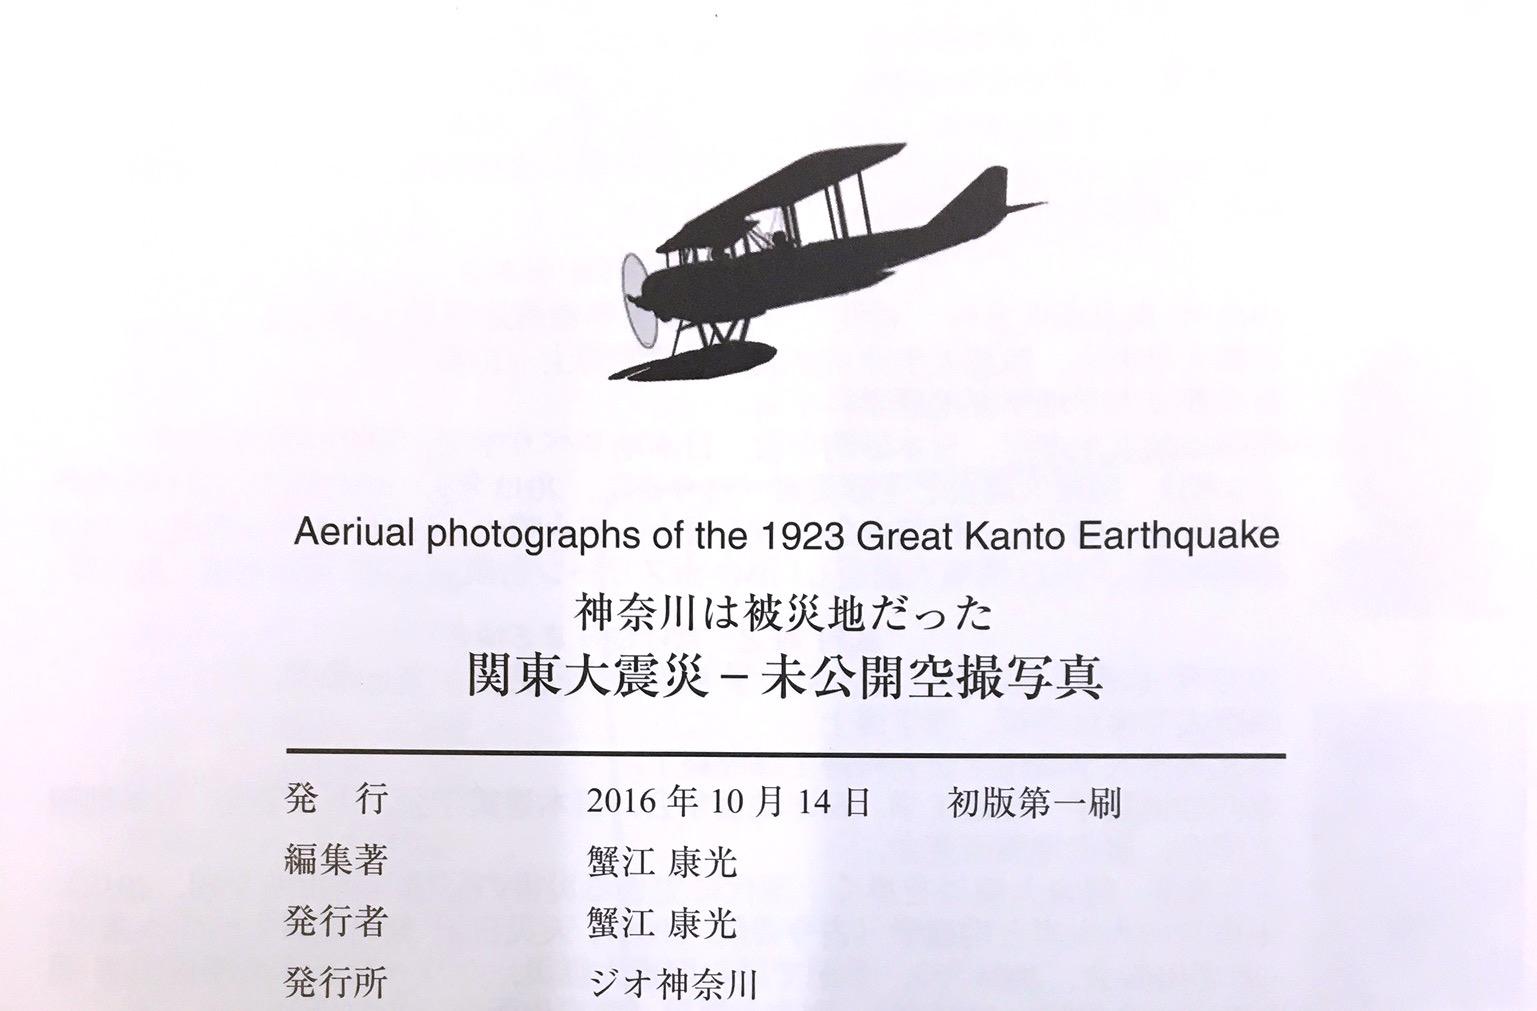 「関東大震災の空撮写真集」が完成〜10月22日に記念フォーラム